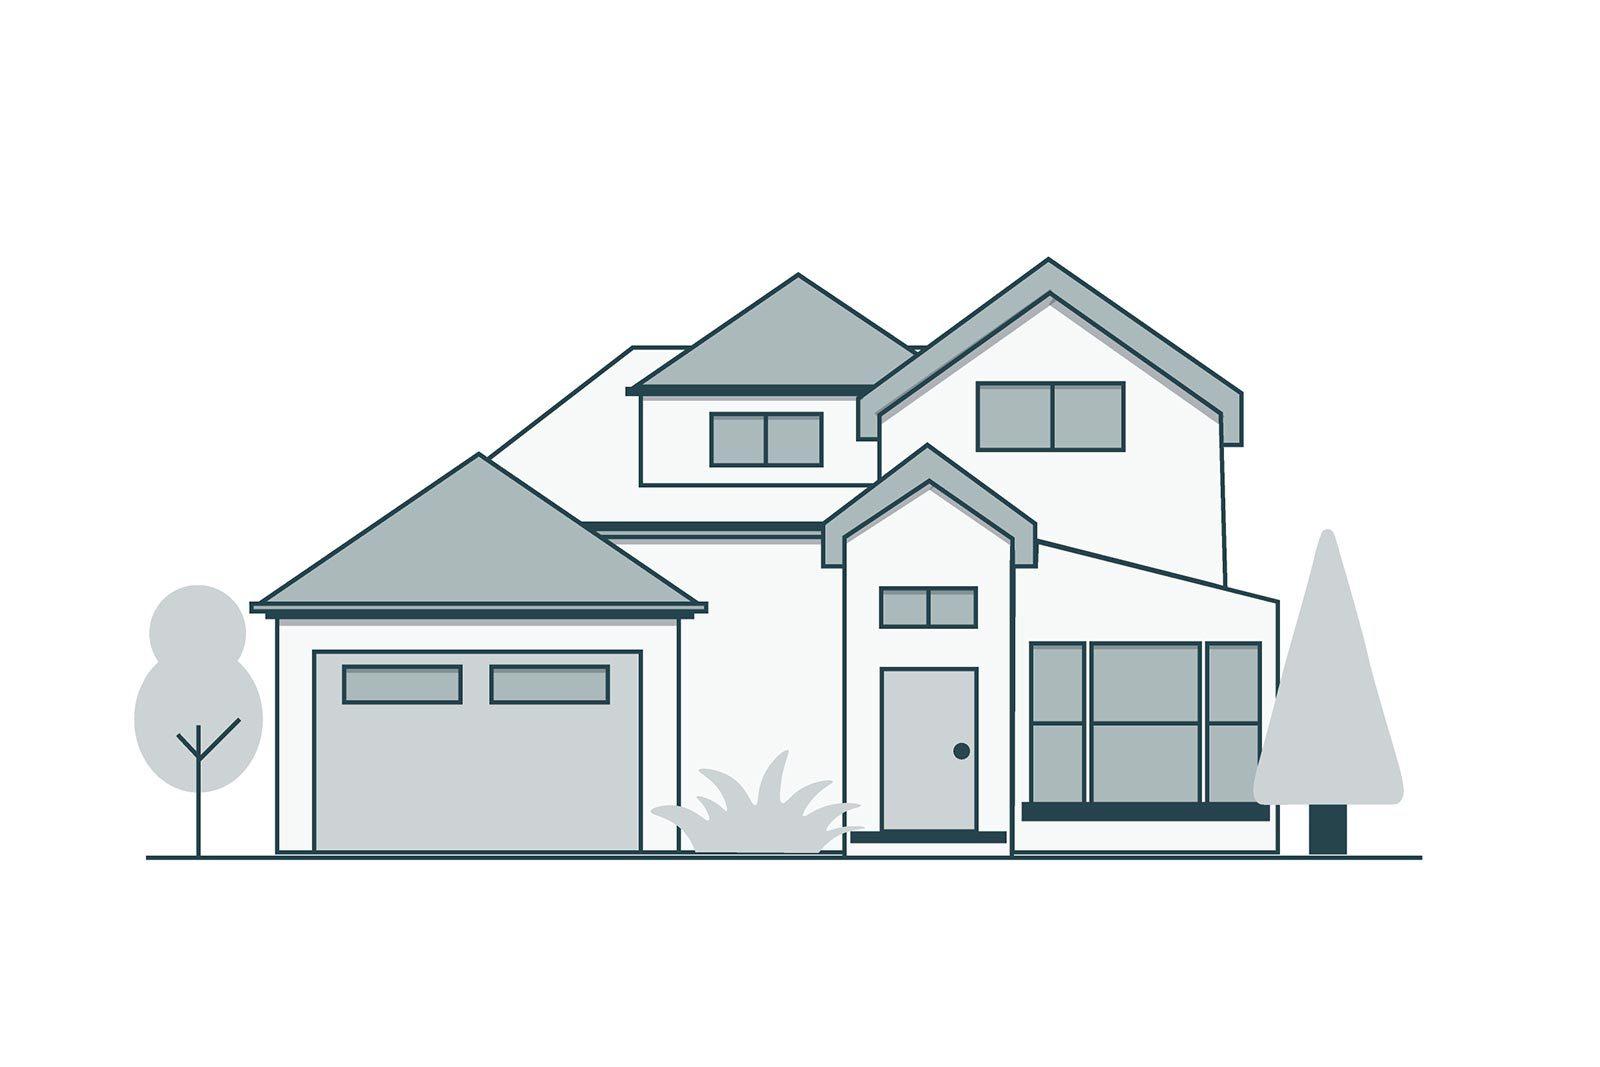 524 Nimitz Ave Redwood City, CA 94061